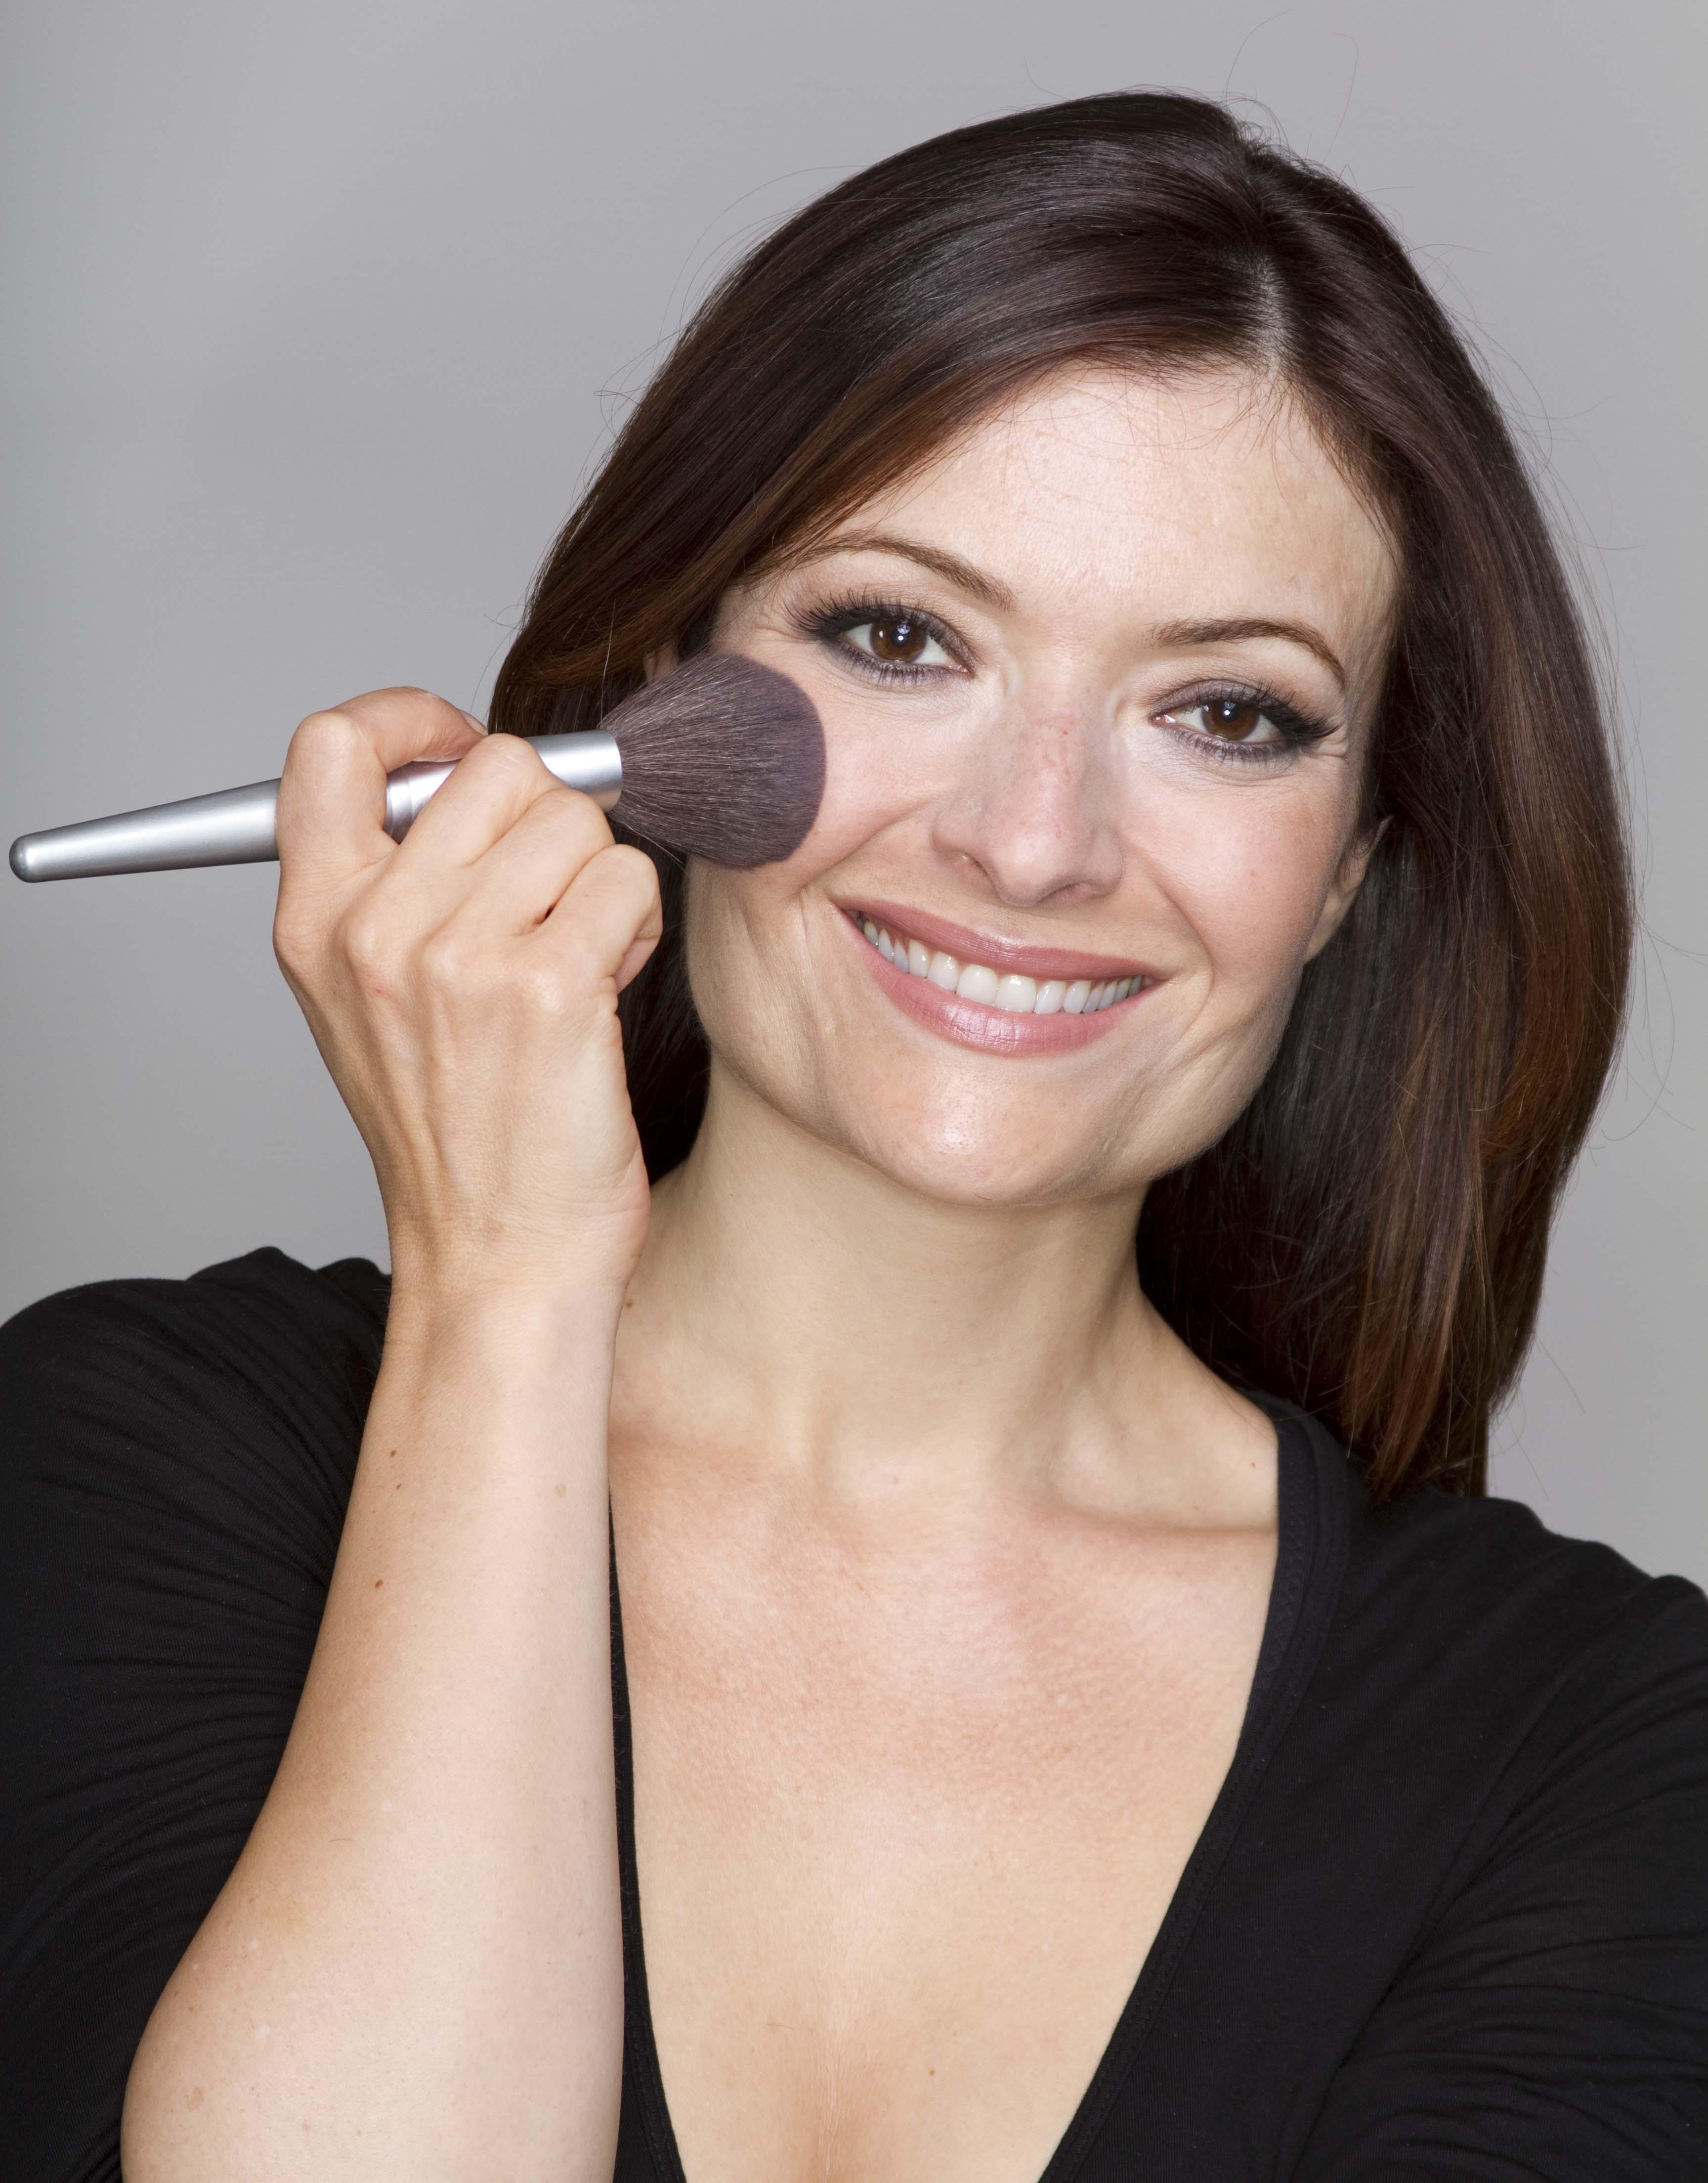 eva makeup1